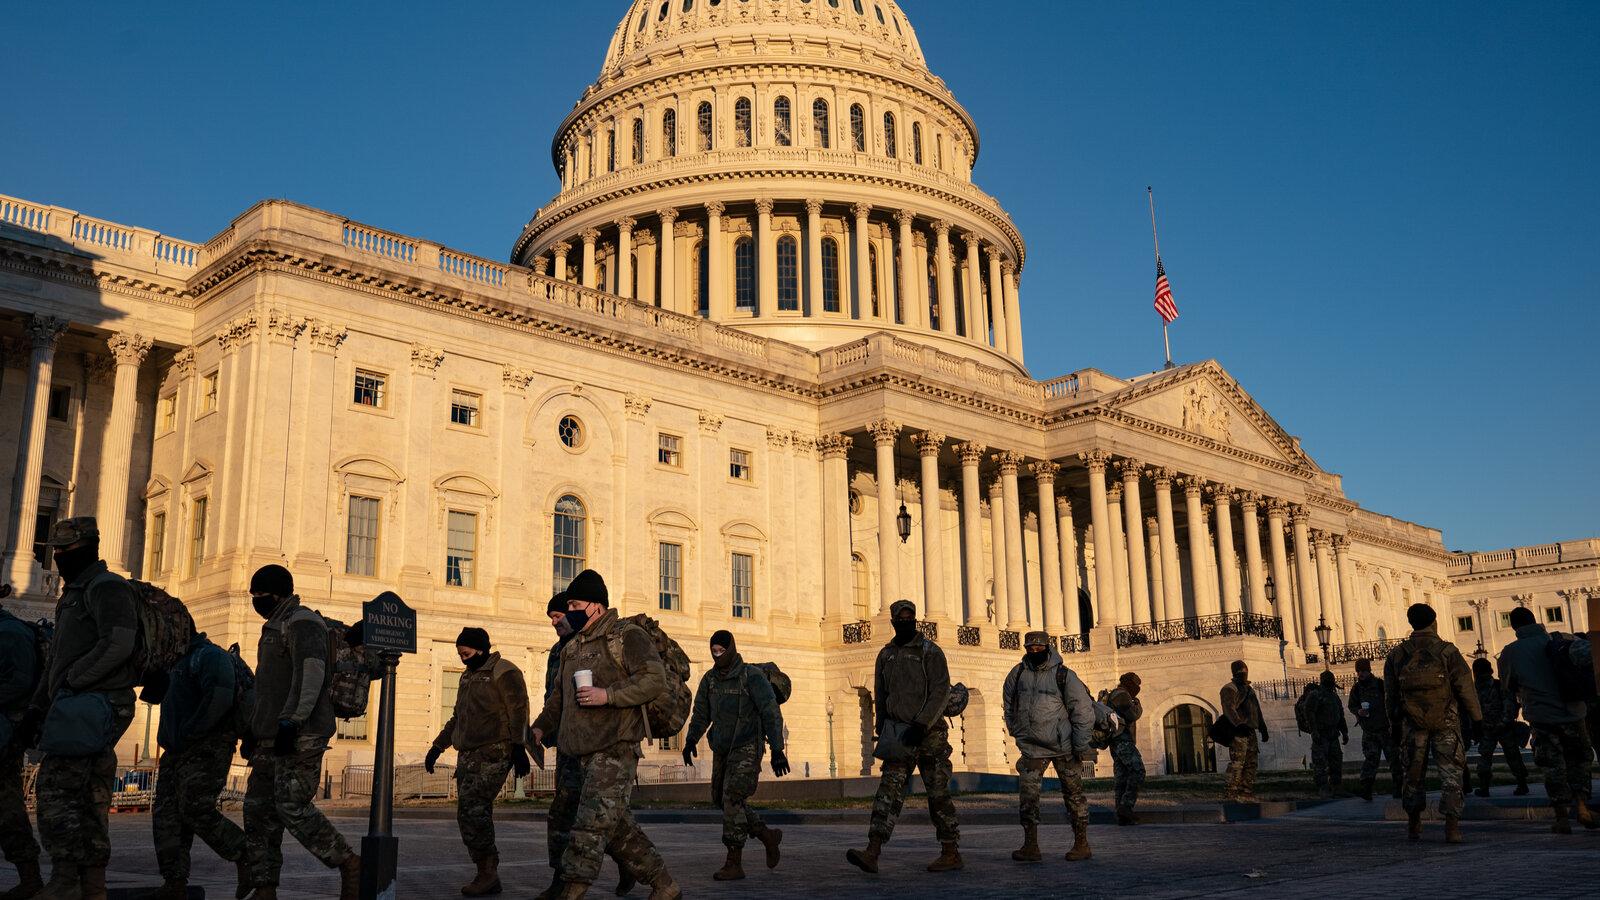 国防部高级官员称针对国会暴力军方会全力捍卫宪法